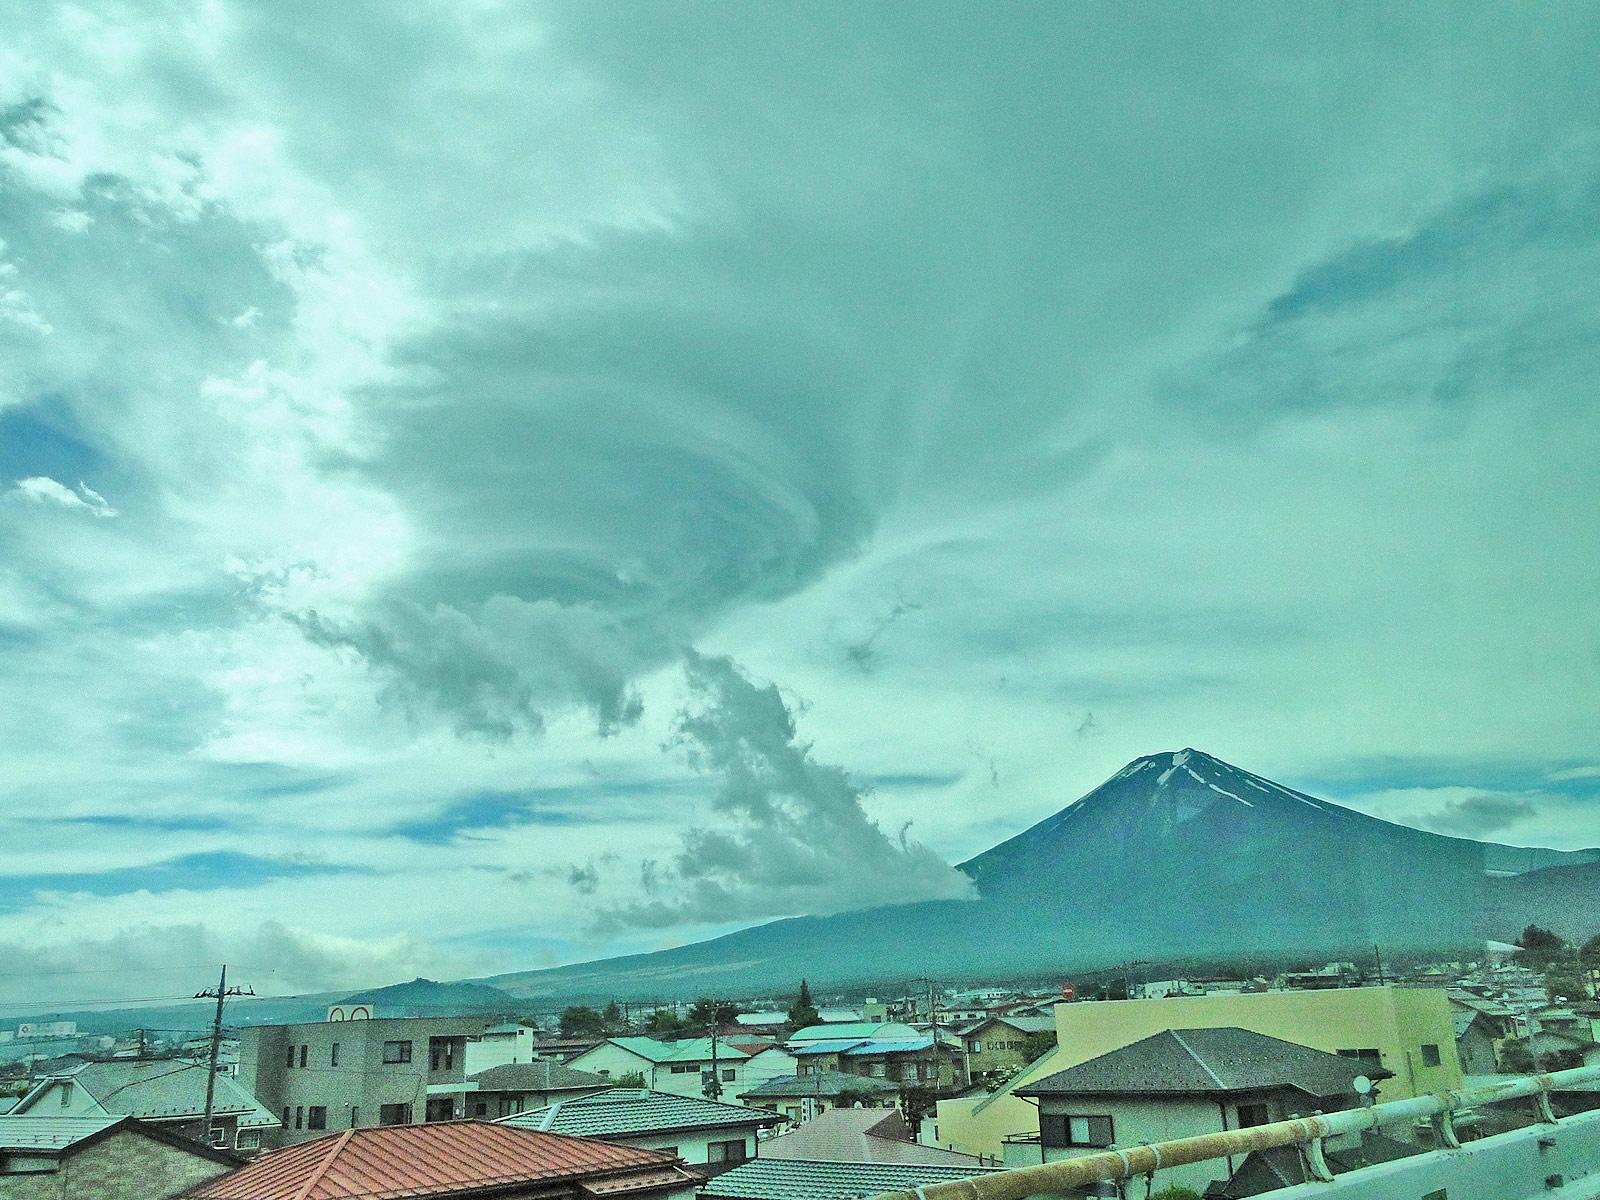 富士山の「吉田ルート」を解説!山小屋やトイレ情報もあり!